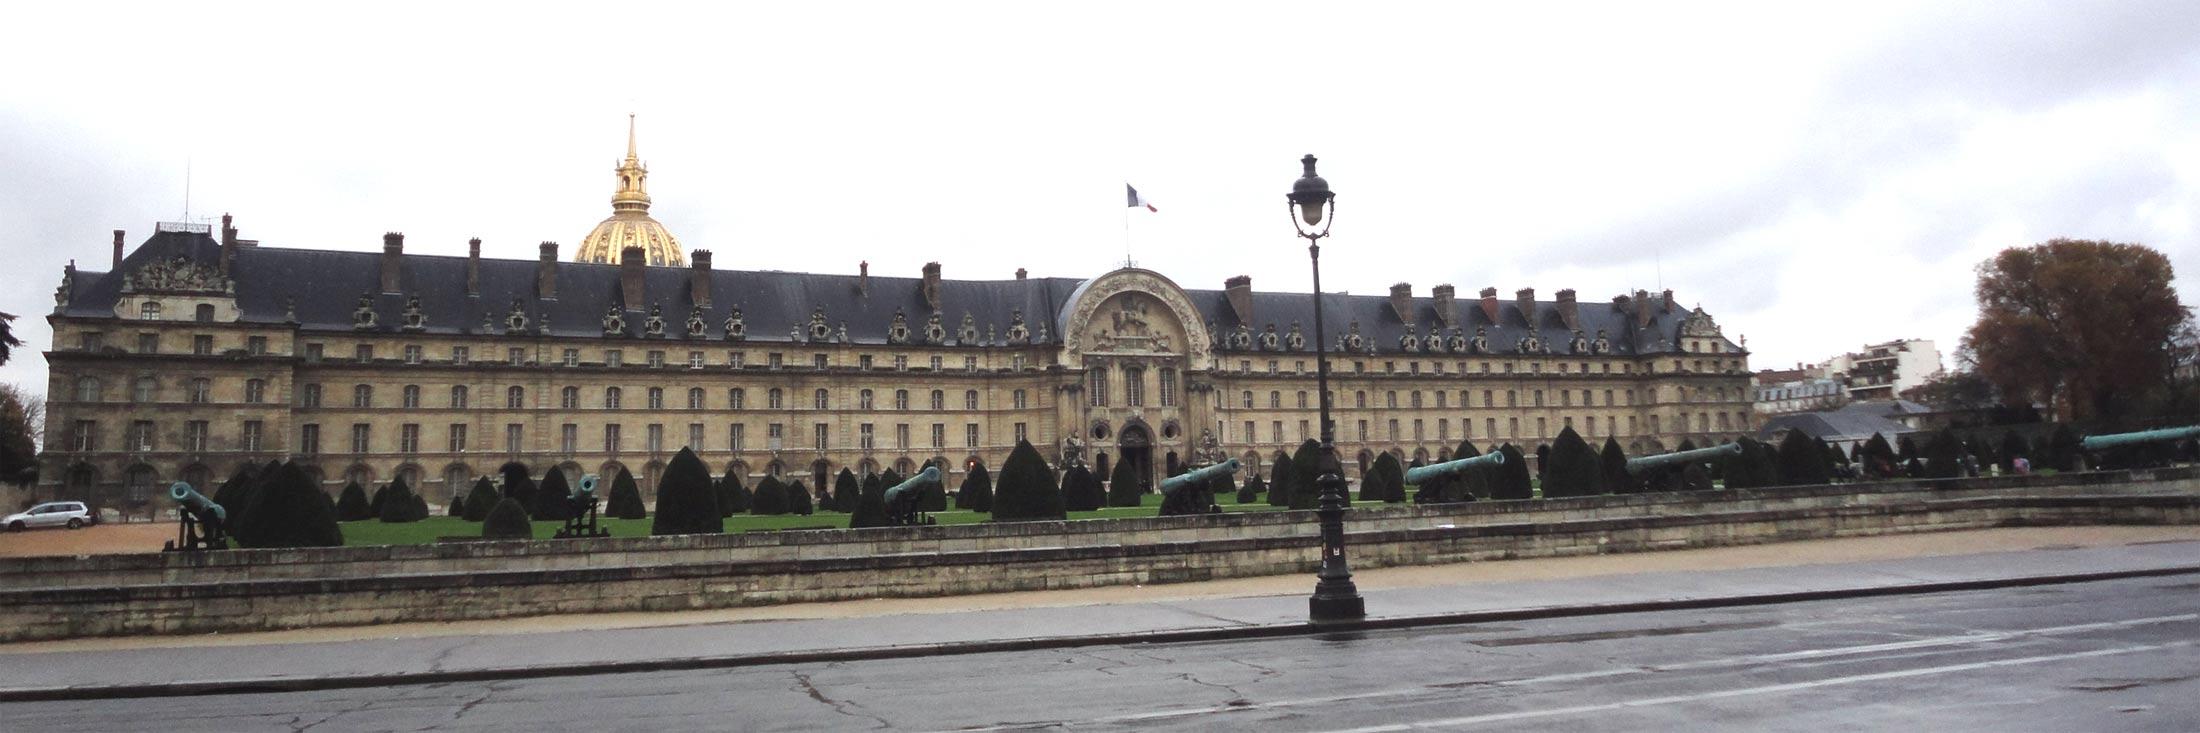 Музей армии в Париже